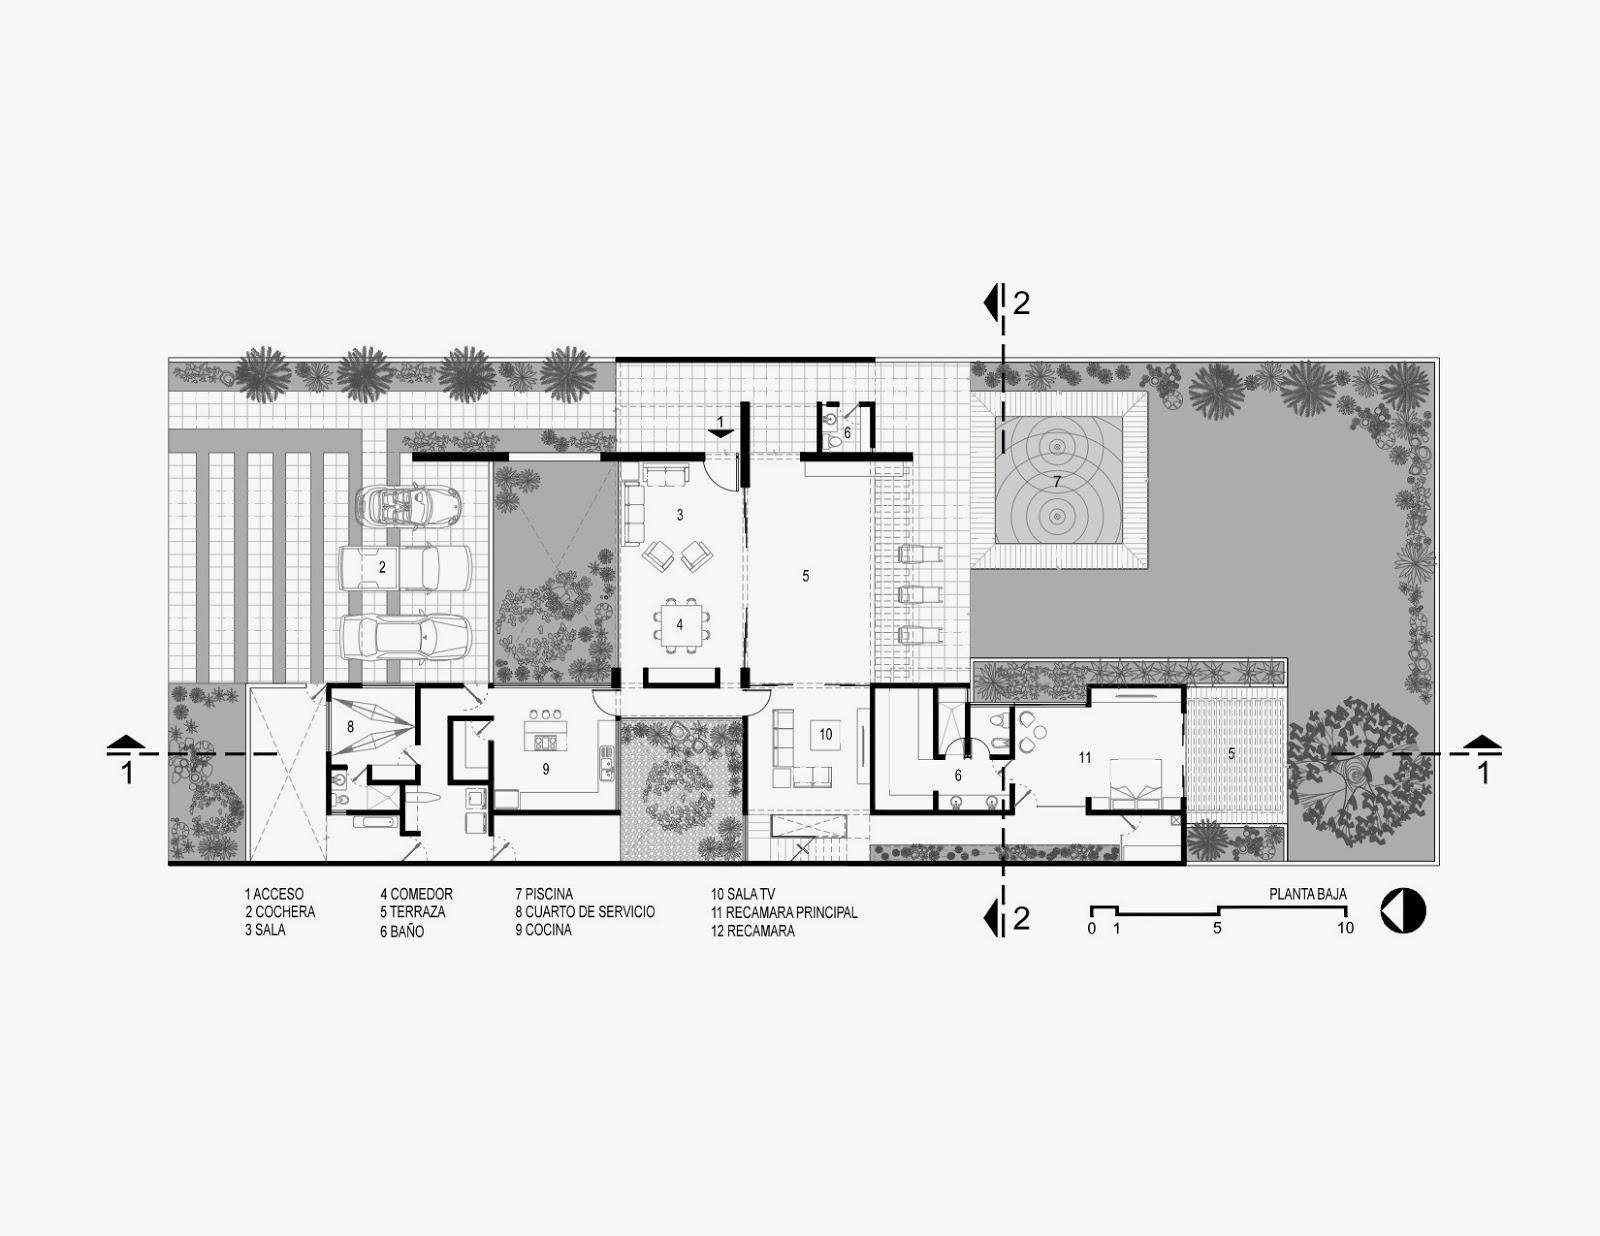 Apuntes revista digital de arquitectura proyecto casa for Plantas de arquitectura